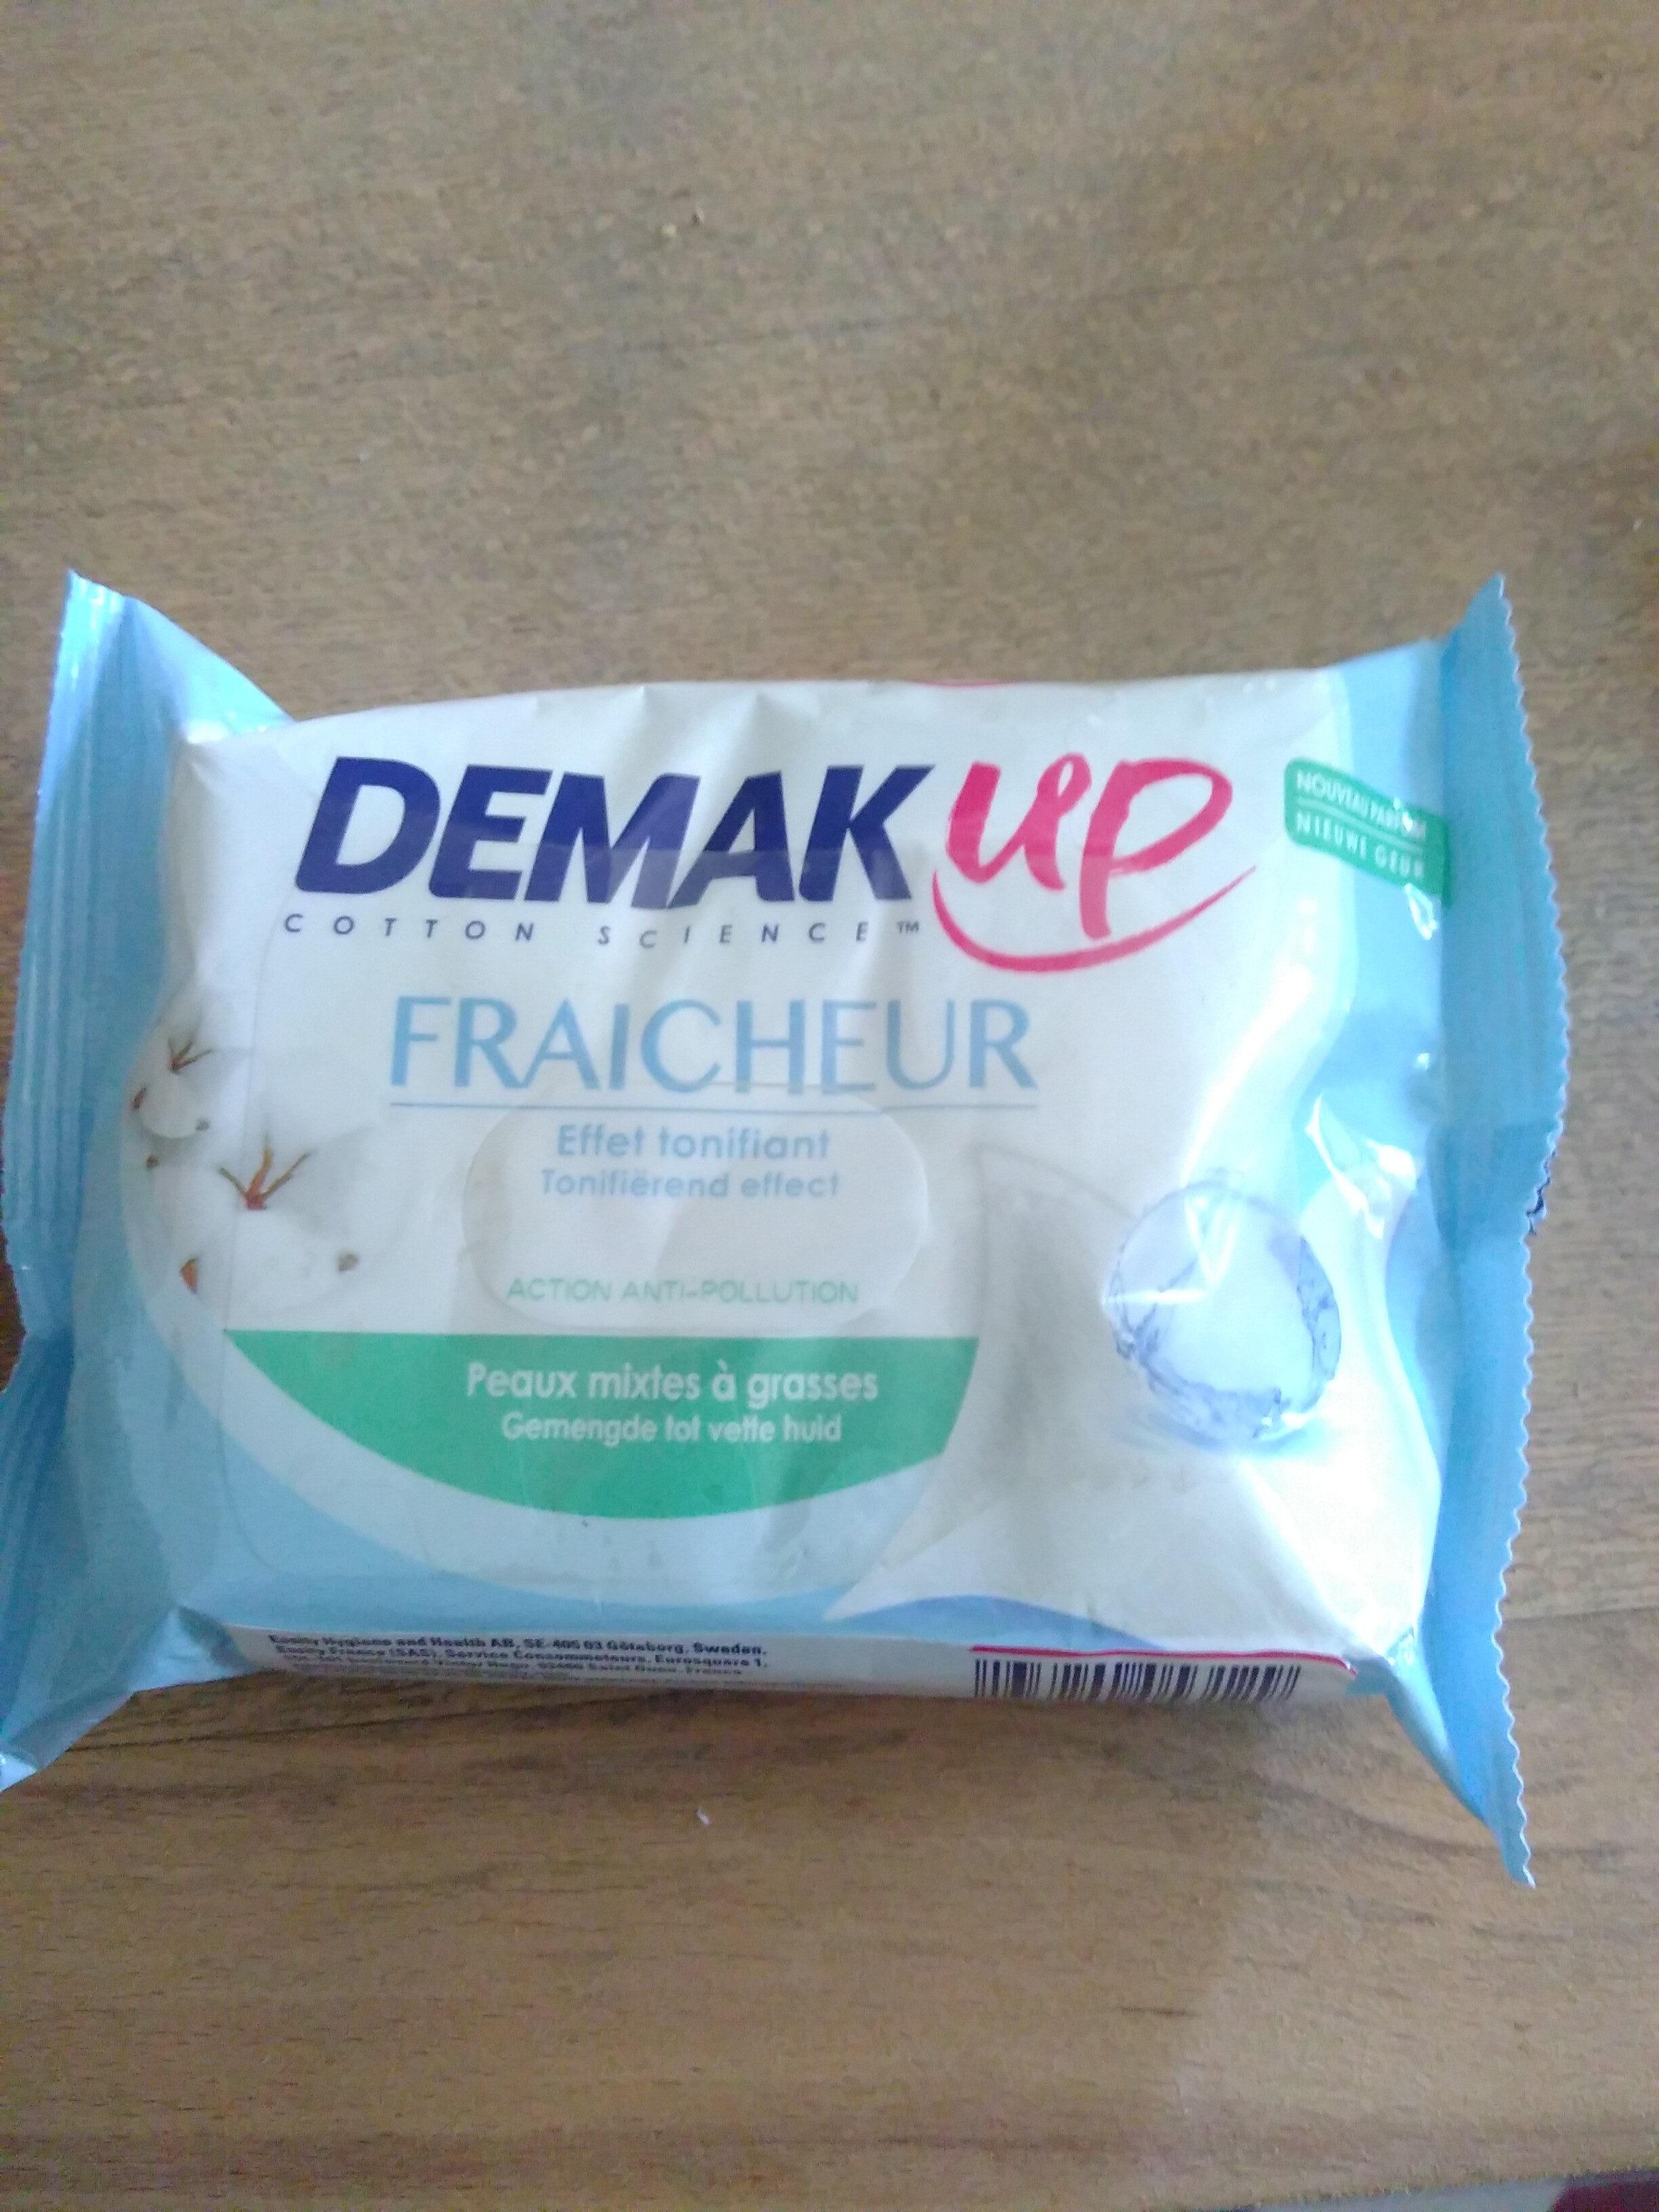 Demakup Cotton Science Fraicheur - Product